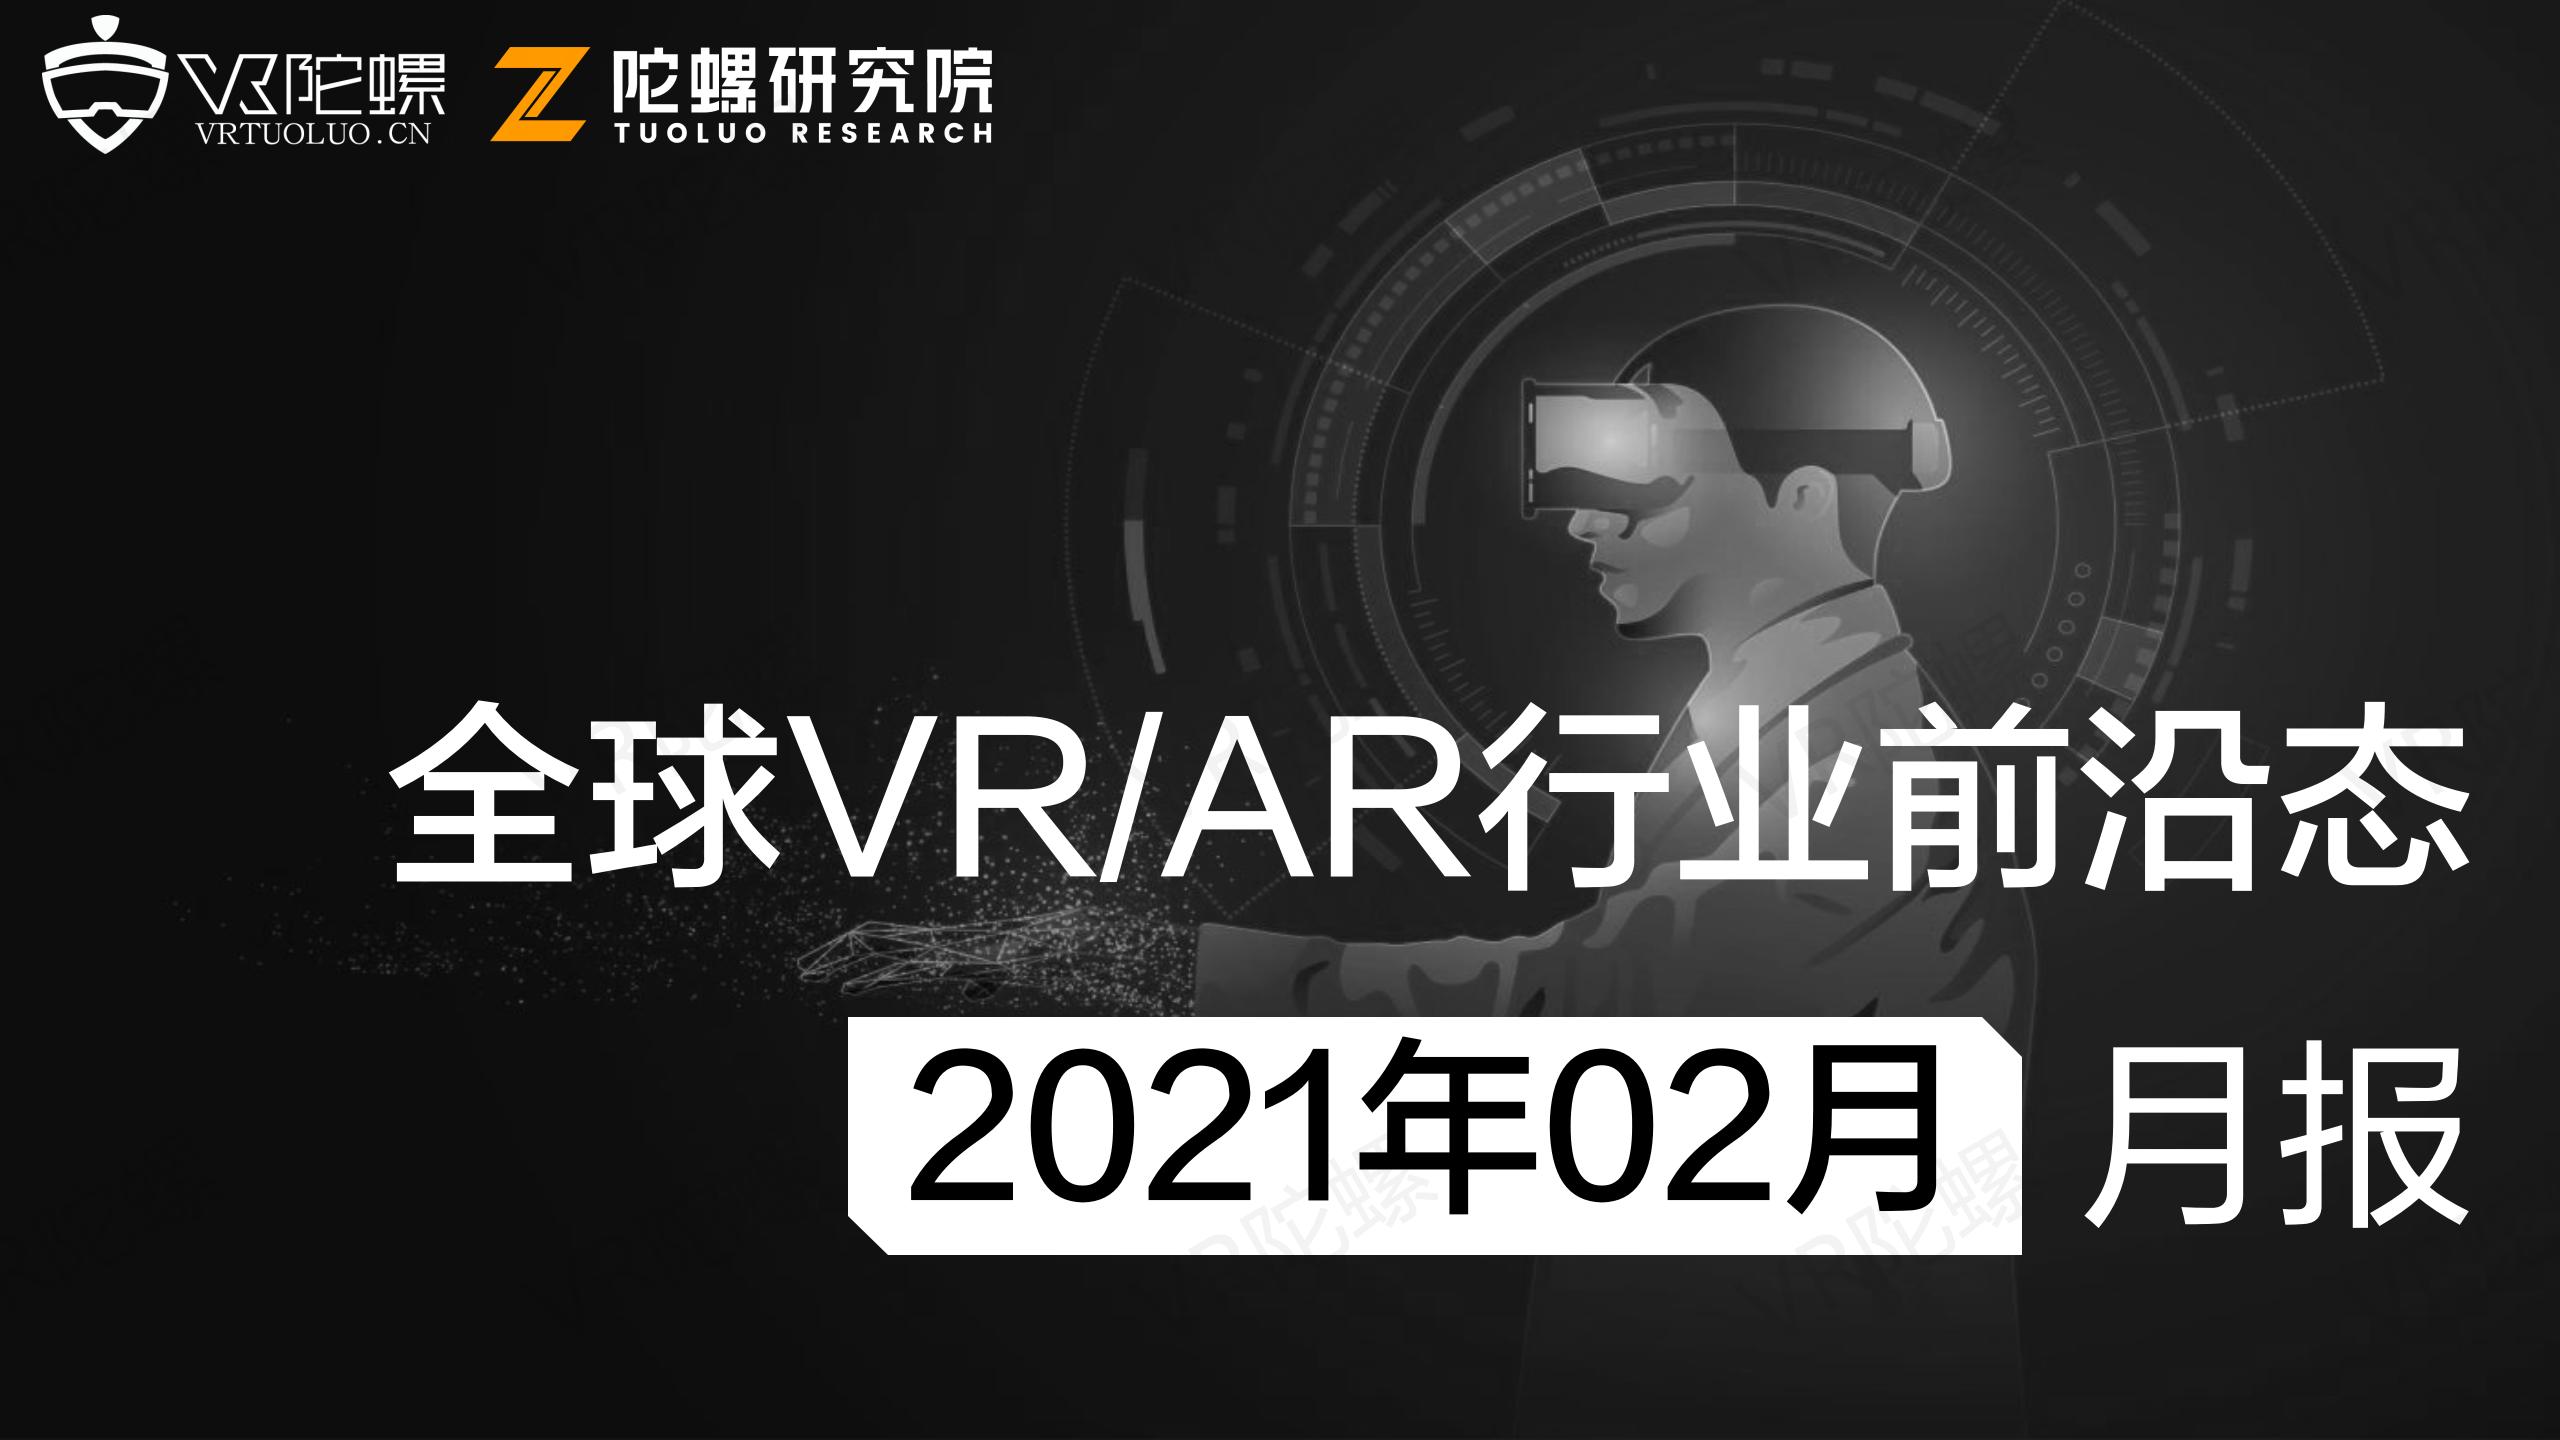 2021年2月VR/AR 行业月报 | VR陀螺